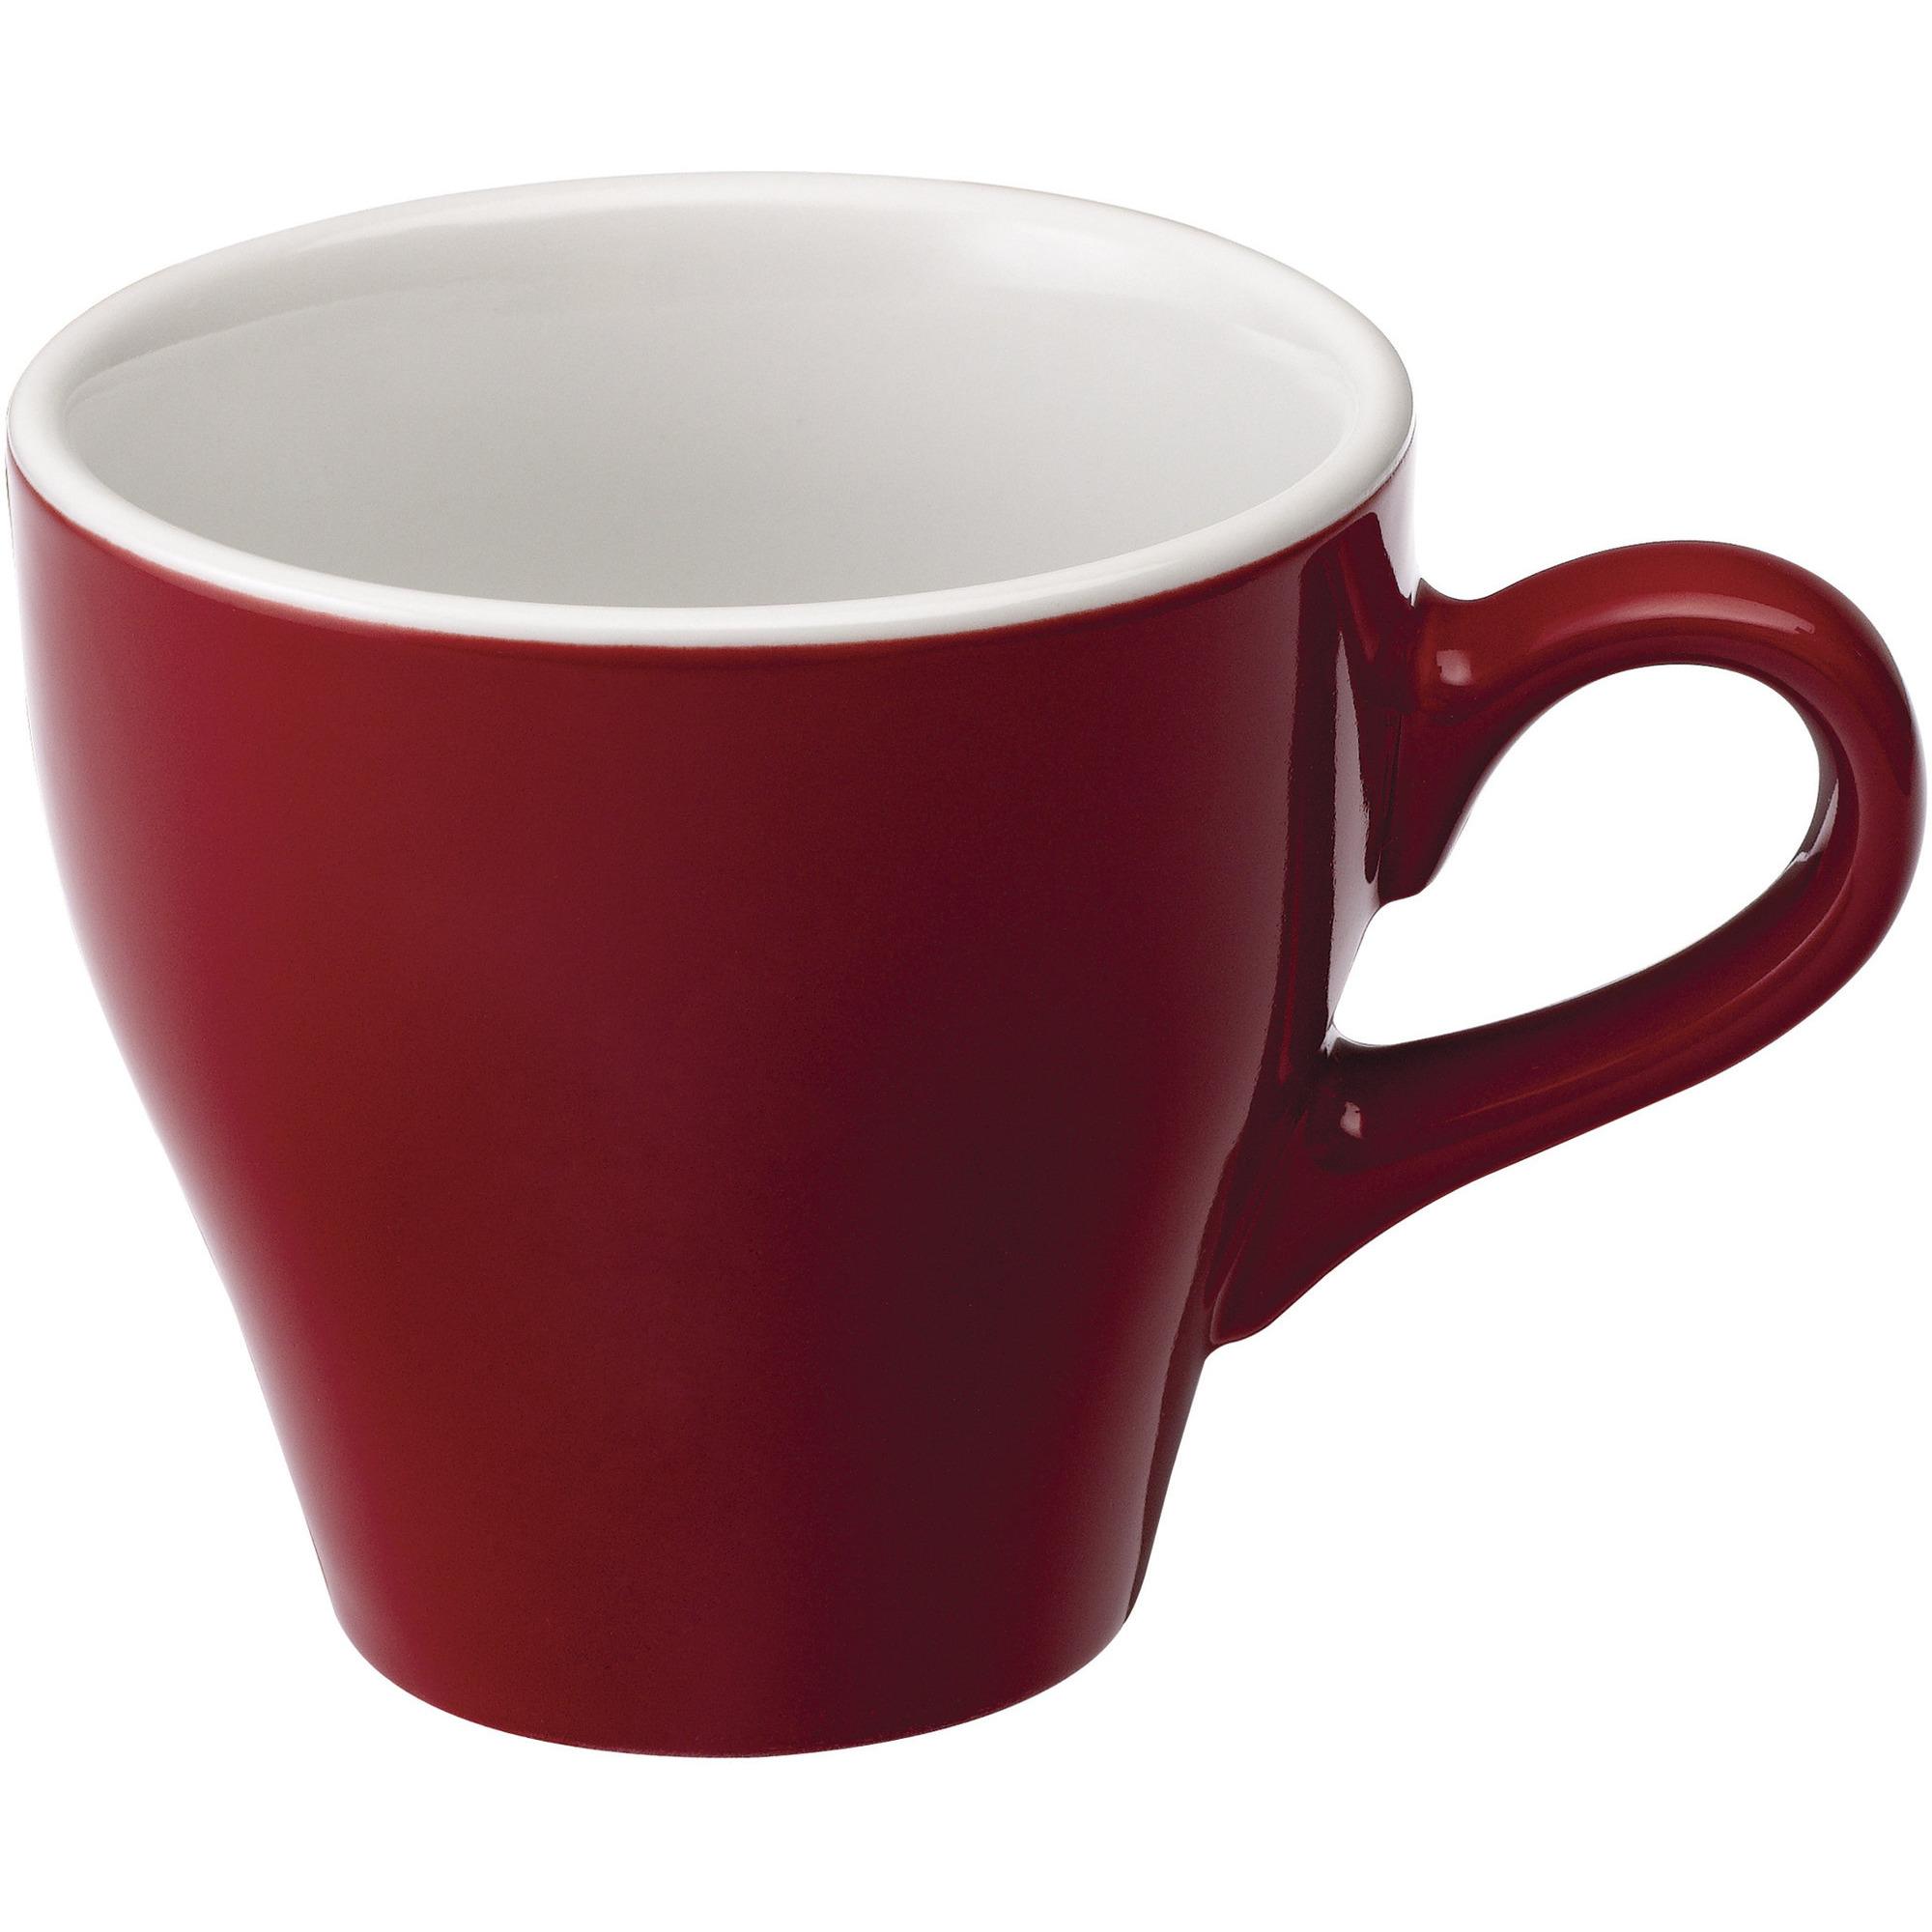 Loveramics Tulip Café Lattekopp 280ml. 6 st. Red